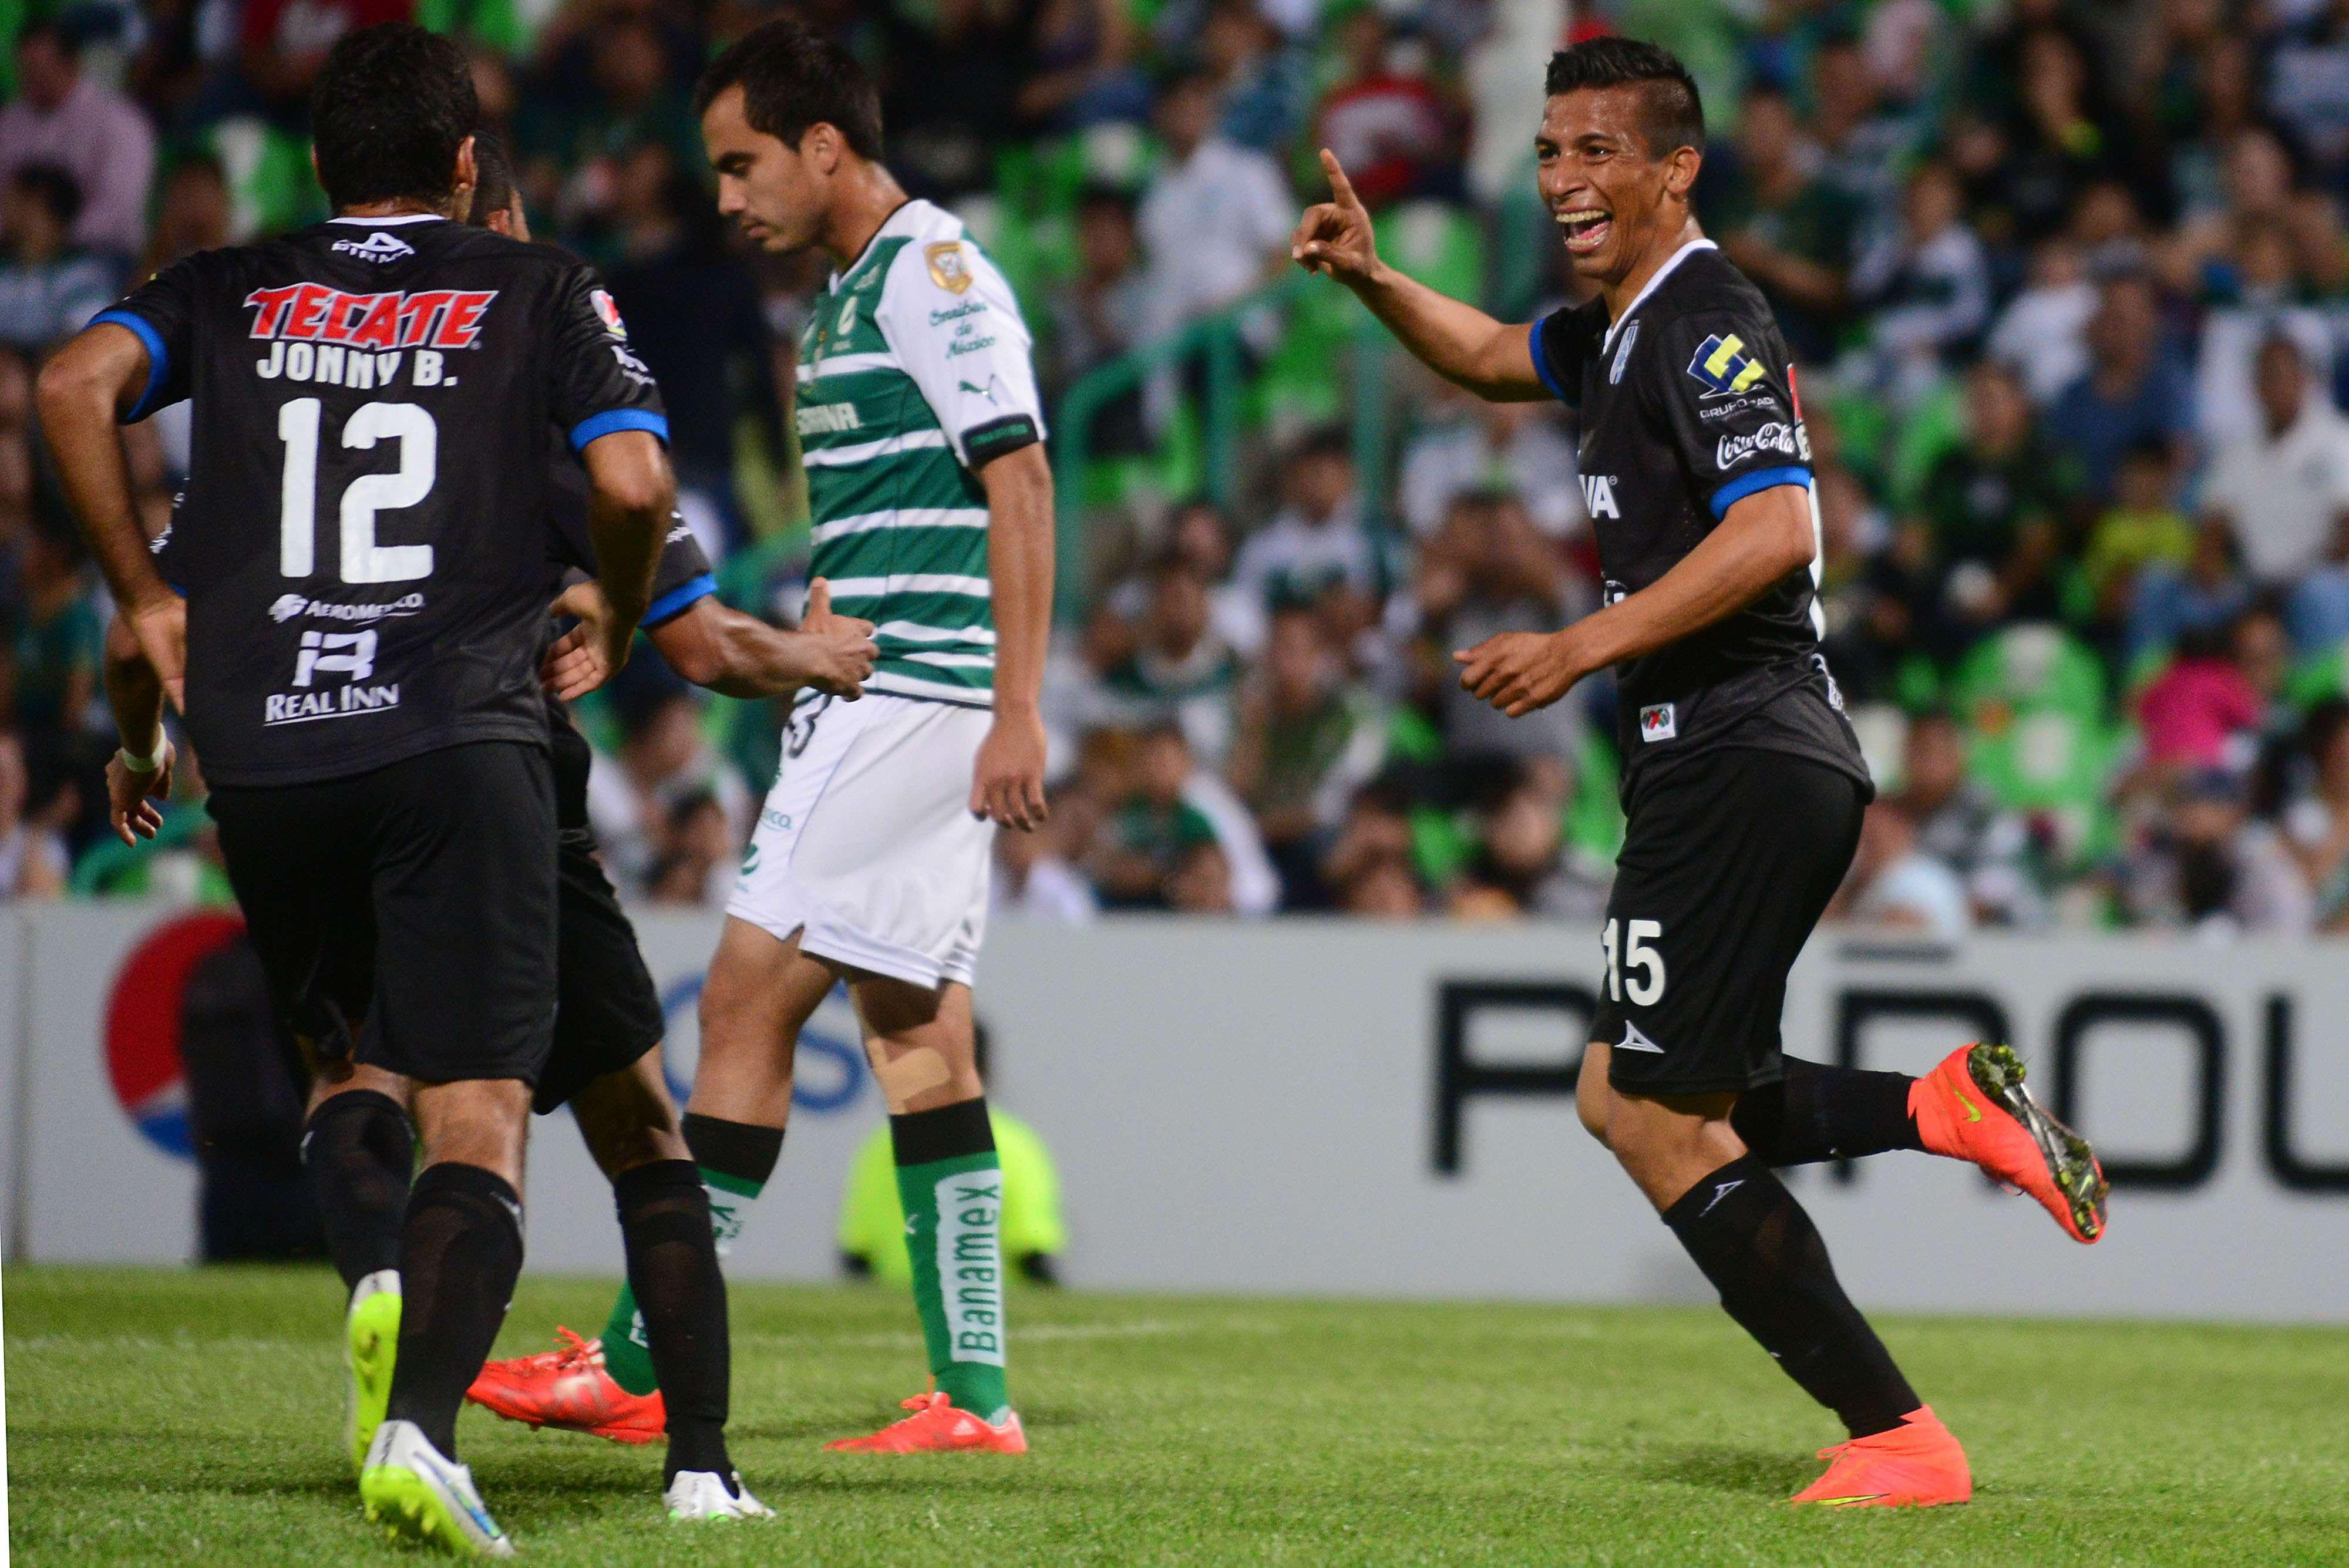 El campeón Santos empata 2-2 con Querétaro y se despide la Copa MX Foto: Mexsport